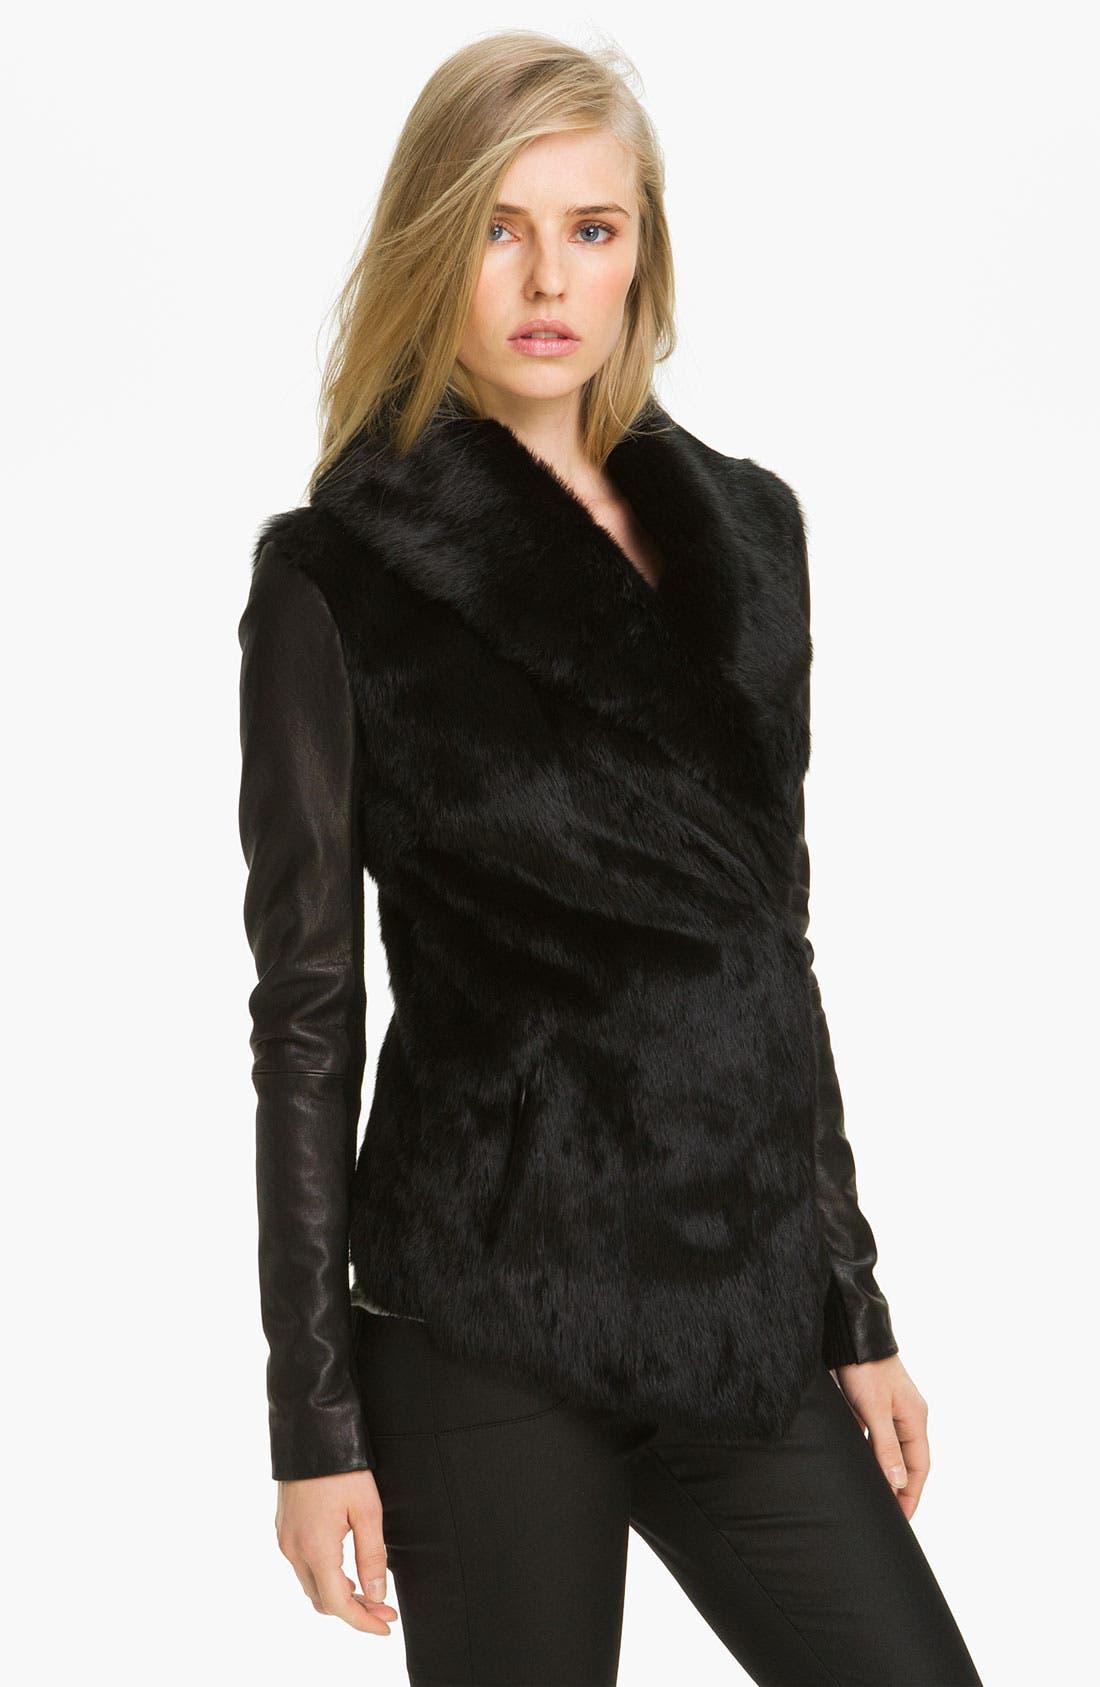 Alternate Image 1 Selected - Veda 'Stella' Genuine Rabbit Fur Jacket